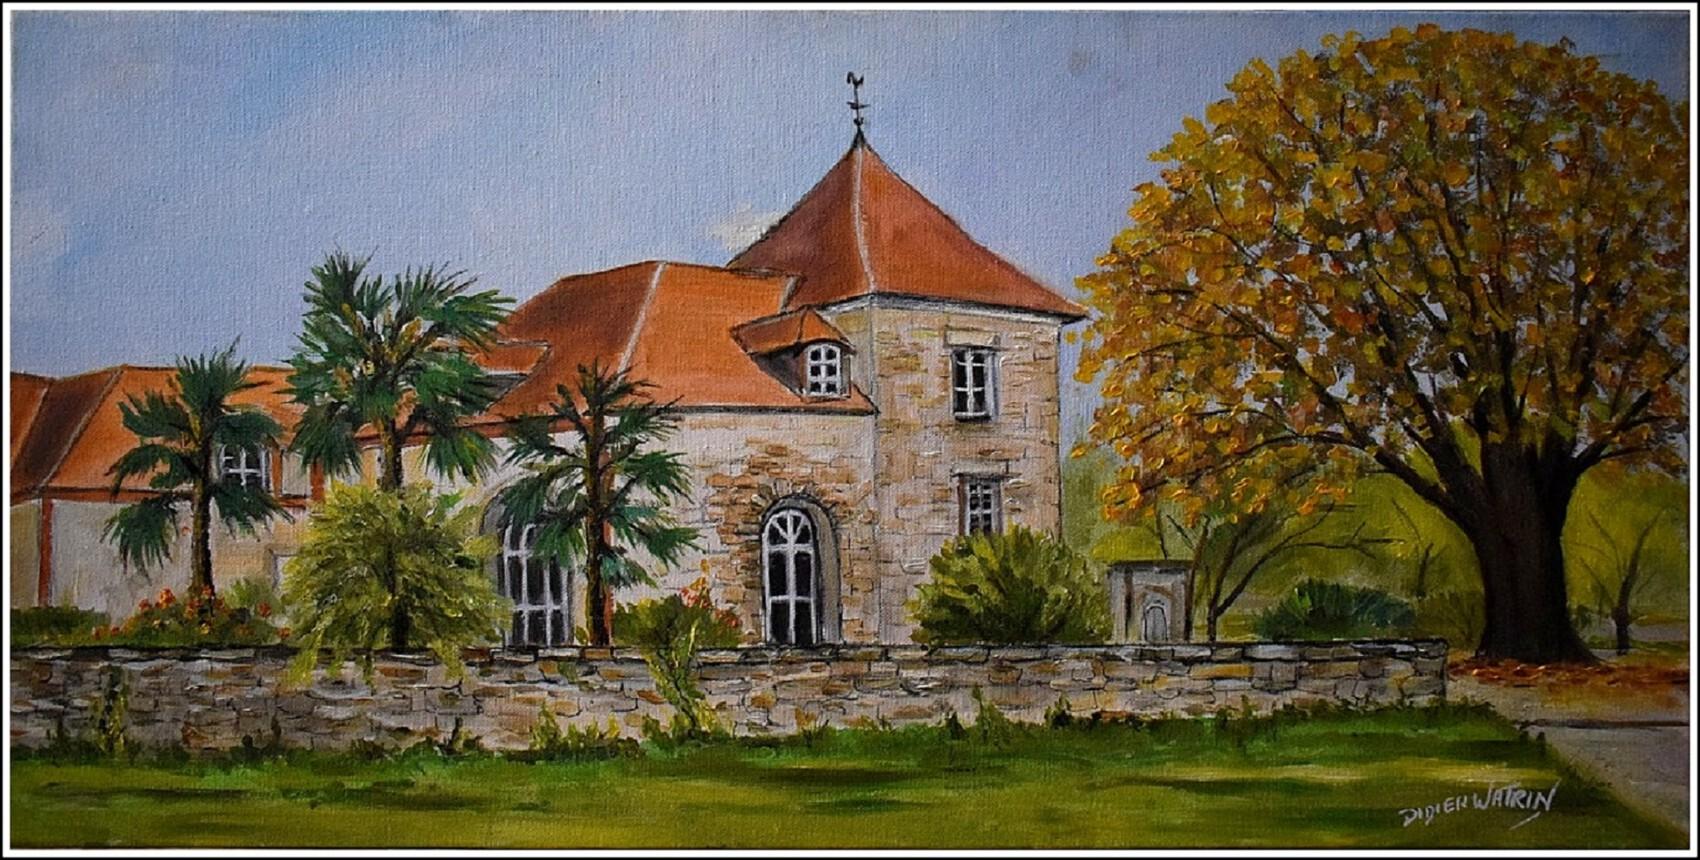 Maison dans le parc de la maison rouge à Villiers sur orge (peint à la fête de la peinture)